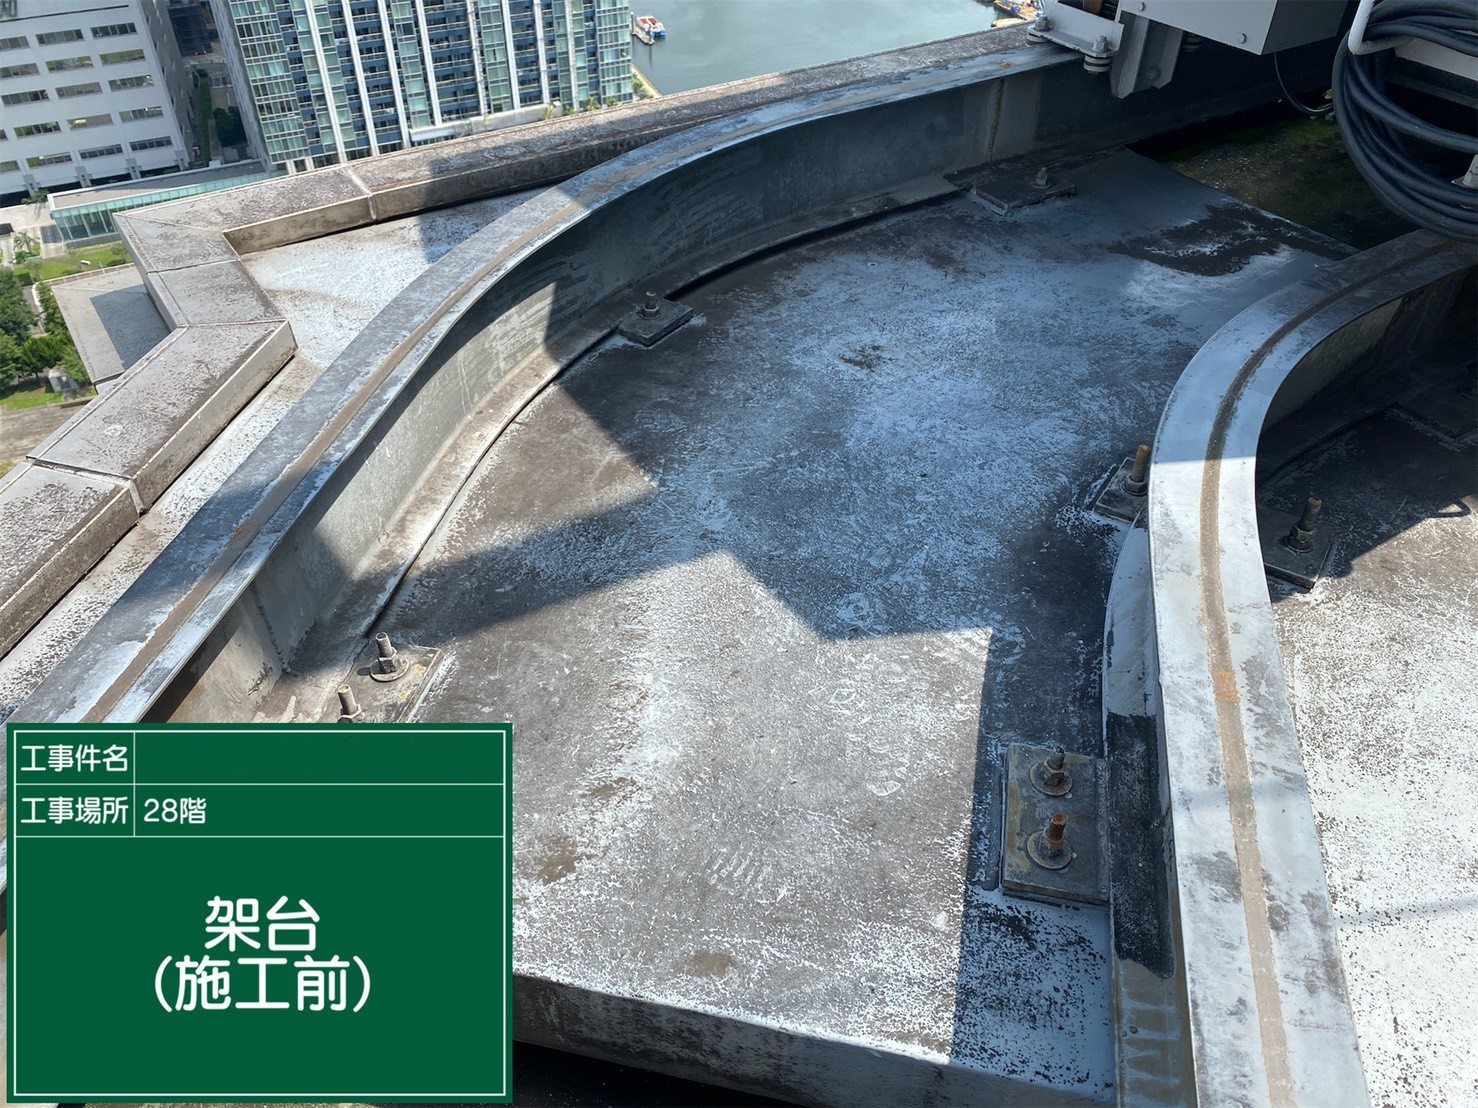 【28階架台】①施工前